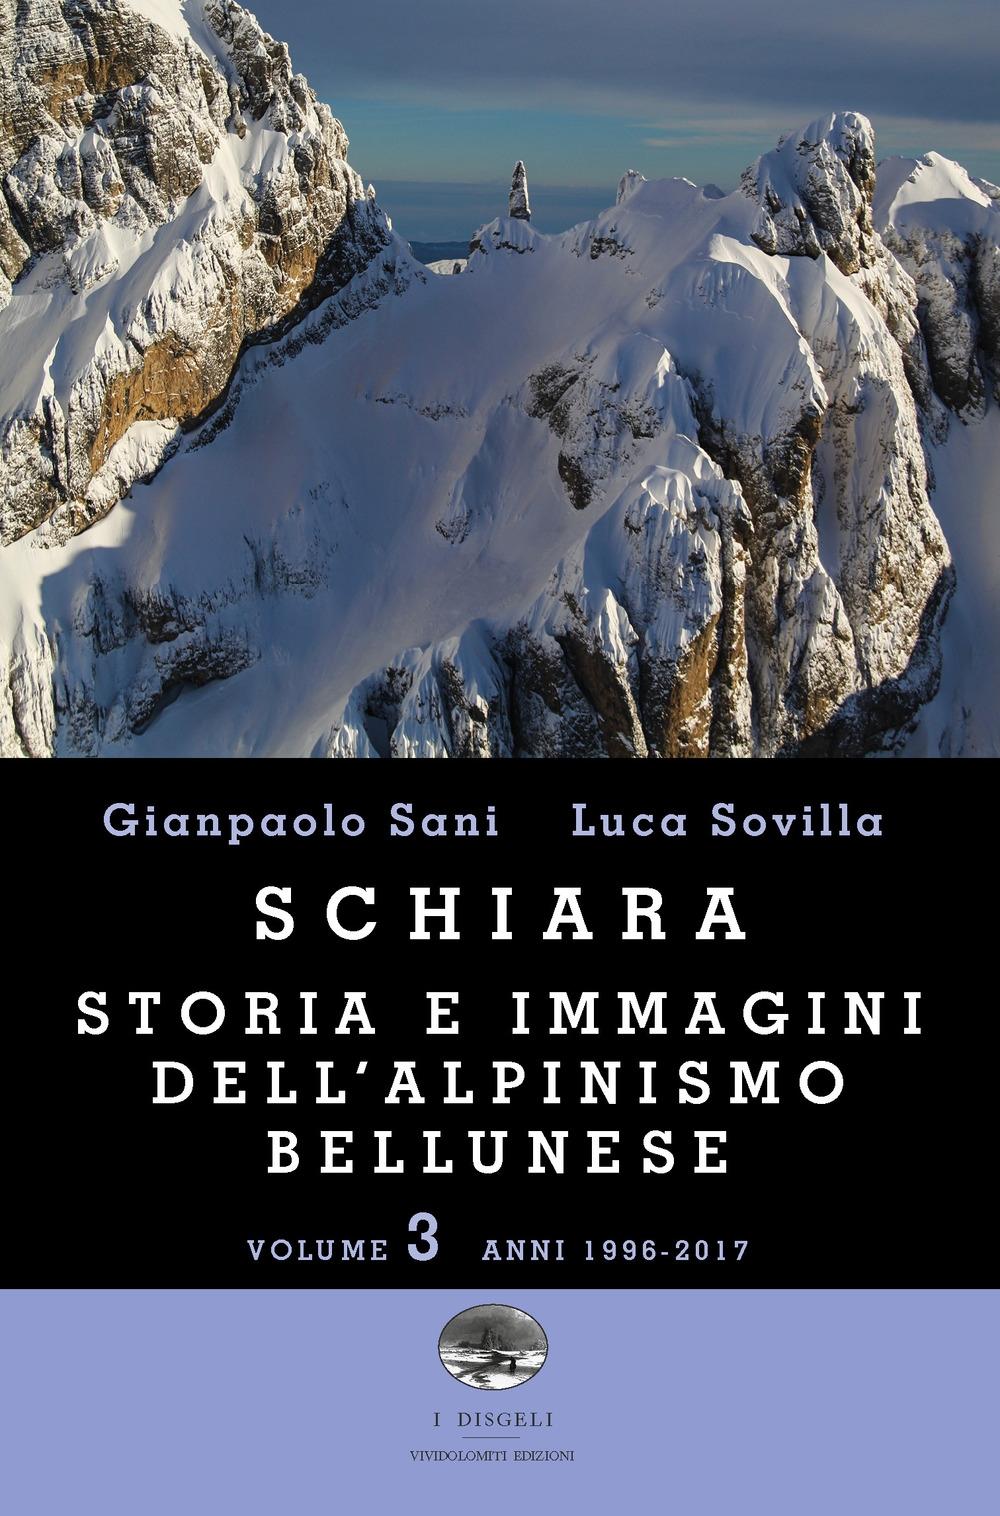 Schiara. Storia e immagini dell'alpinismo bellunese. Vol. 3: Anni 1996-2017